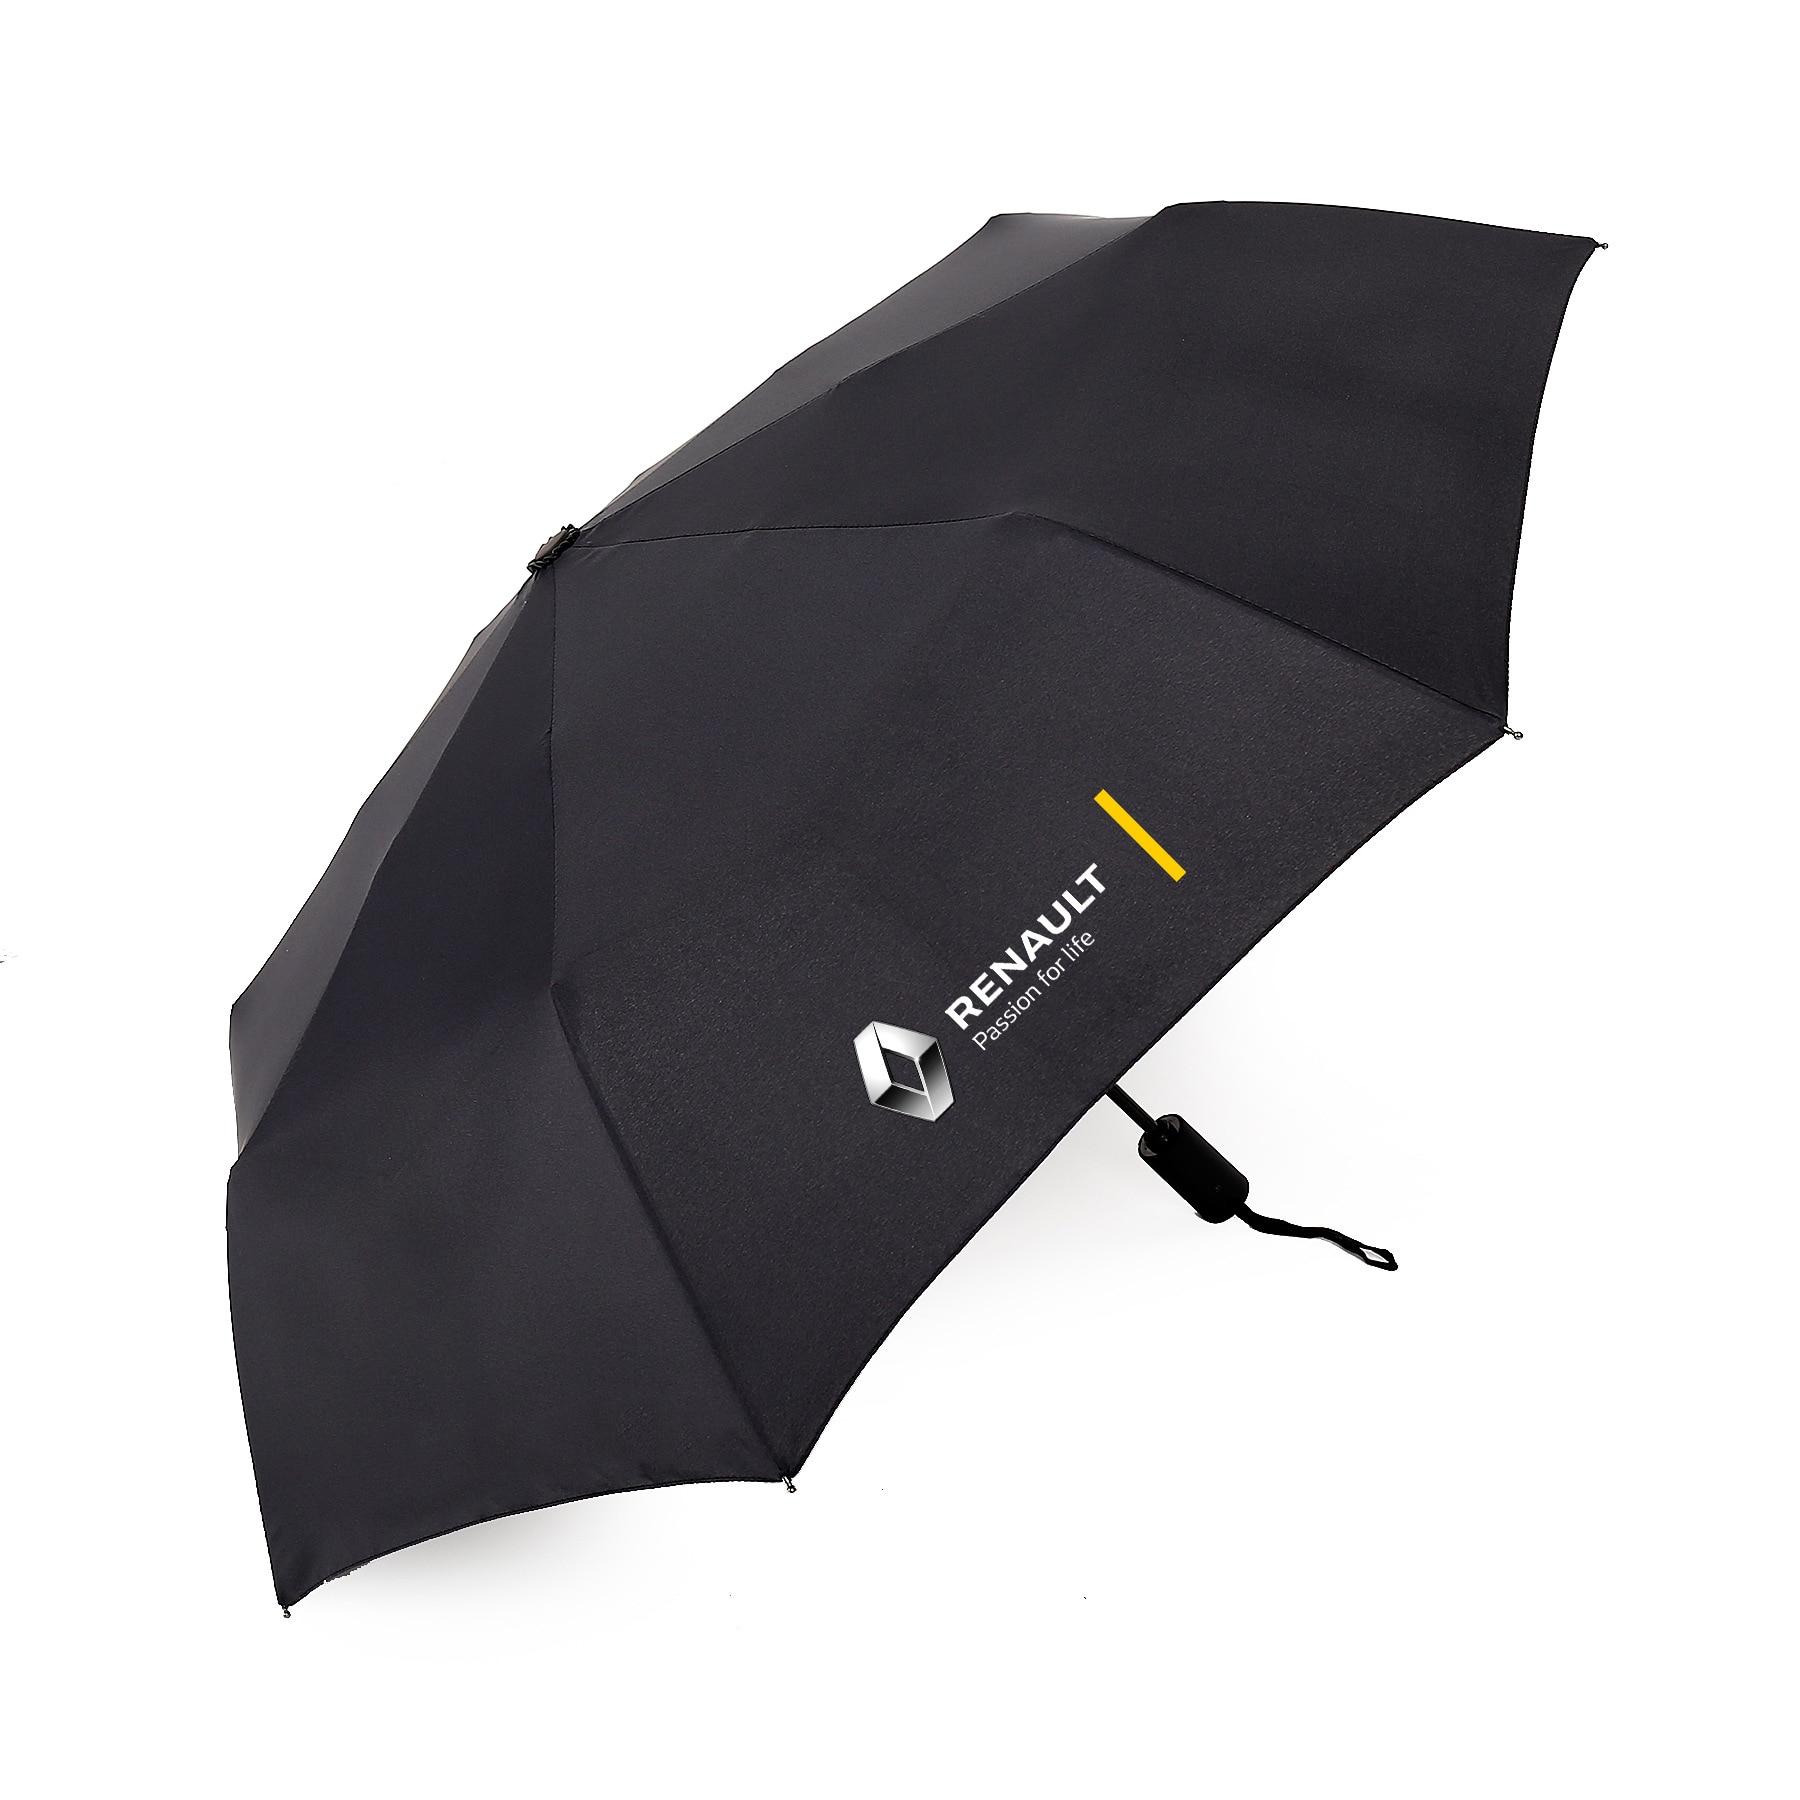 Voiture accessoires moto trois pliant parapluies Pour Renault Megane 2 logan renault clio Voiture Style